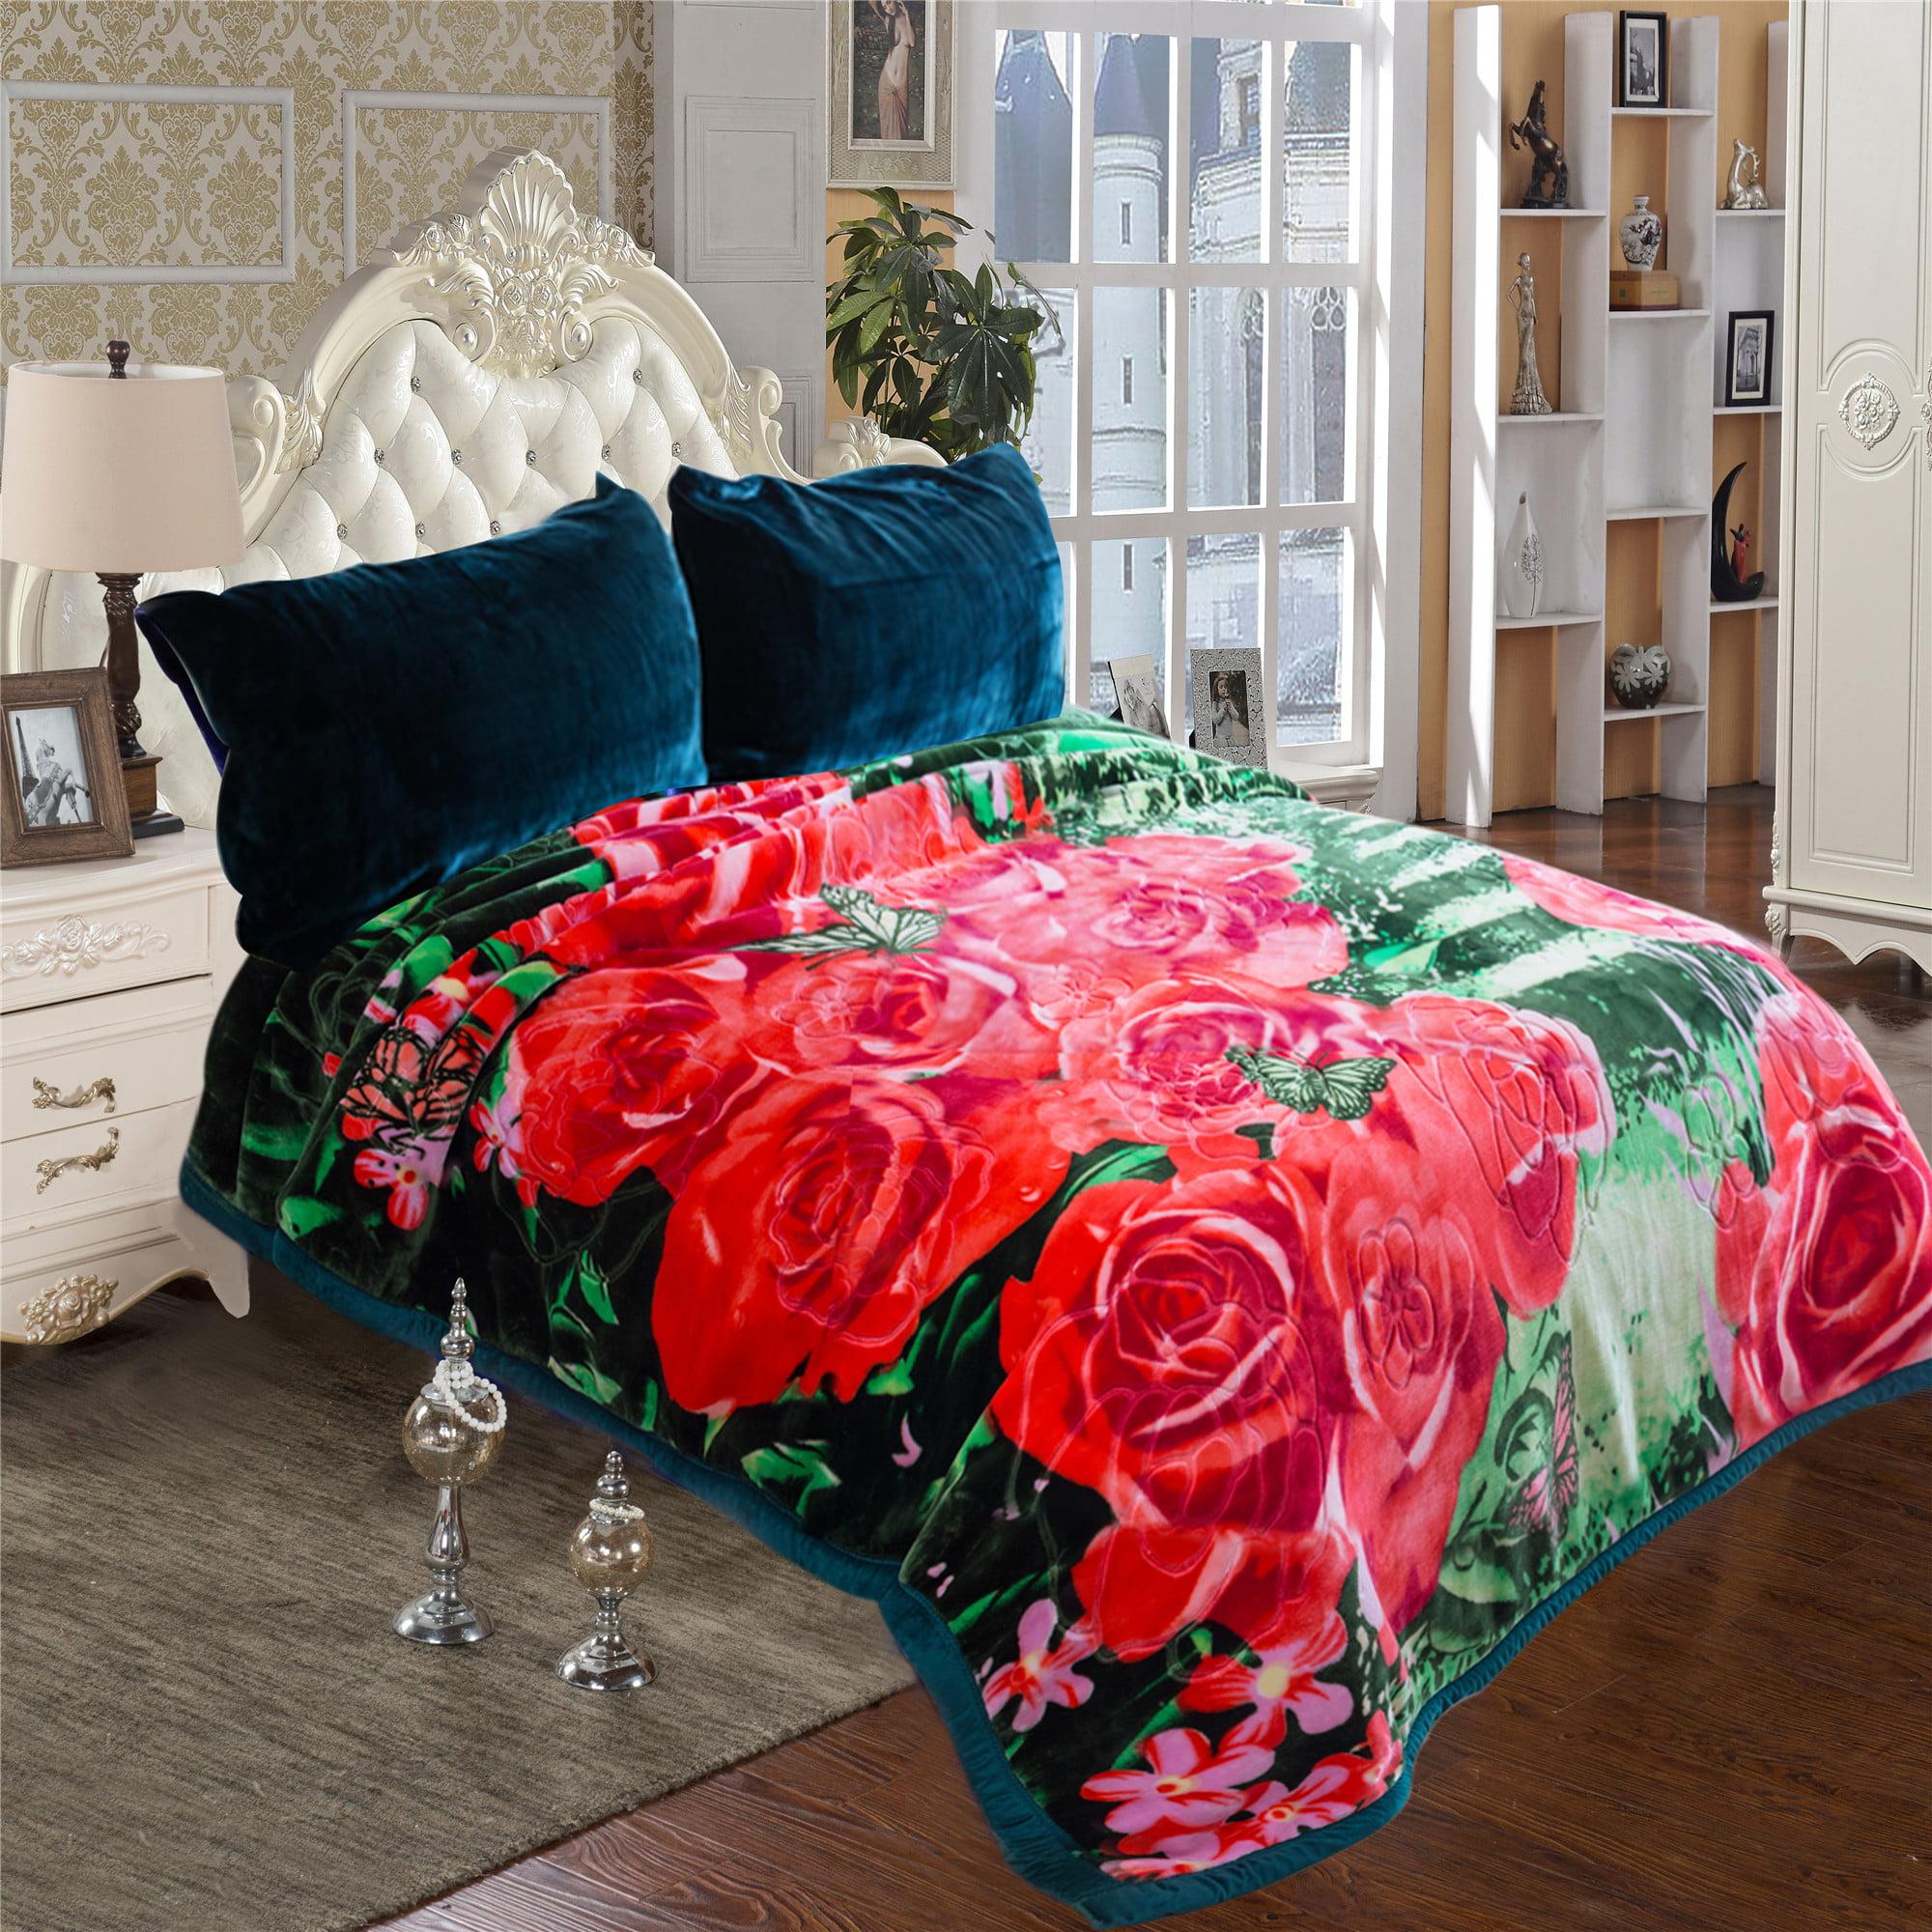 Queen Size blanket Soft Plush Heavy Crystal Velvet Mink Fleece Blanket For Winter 2 Ply... by JML